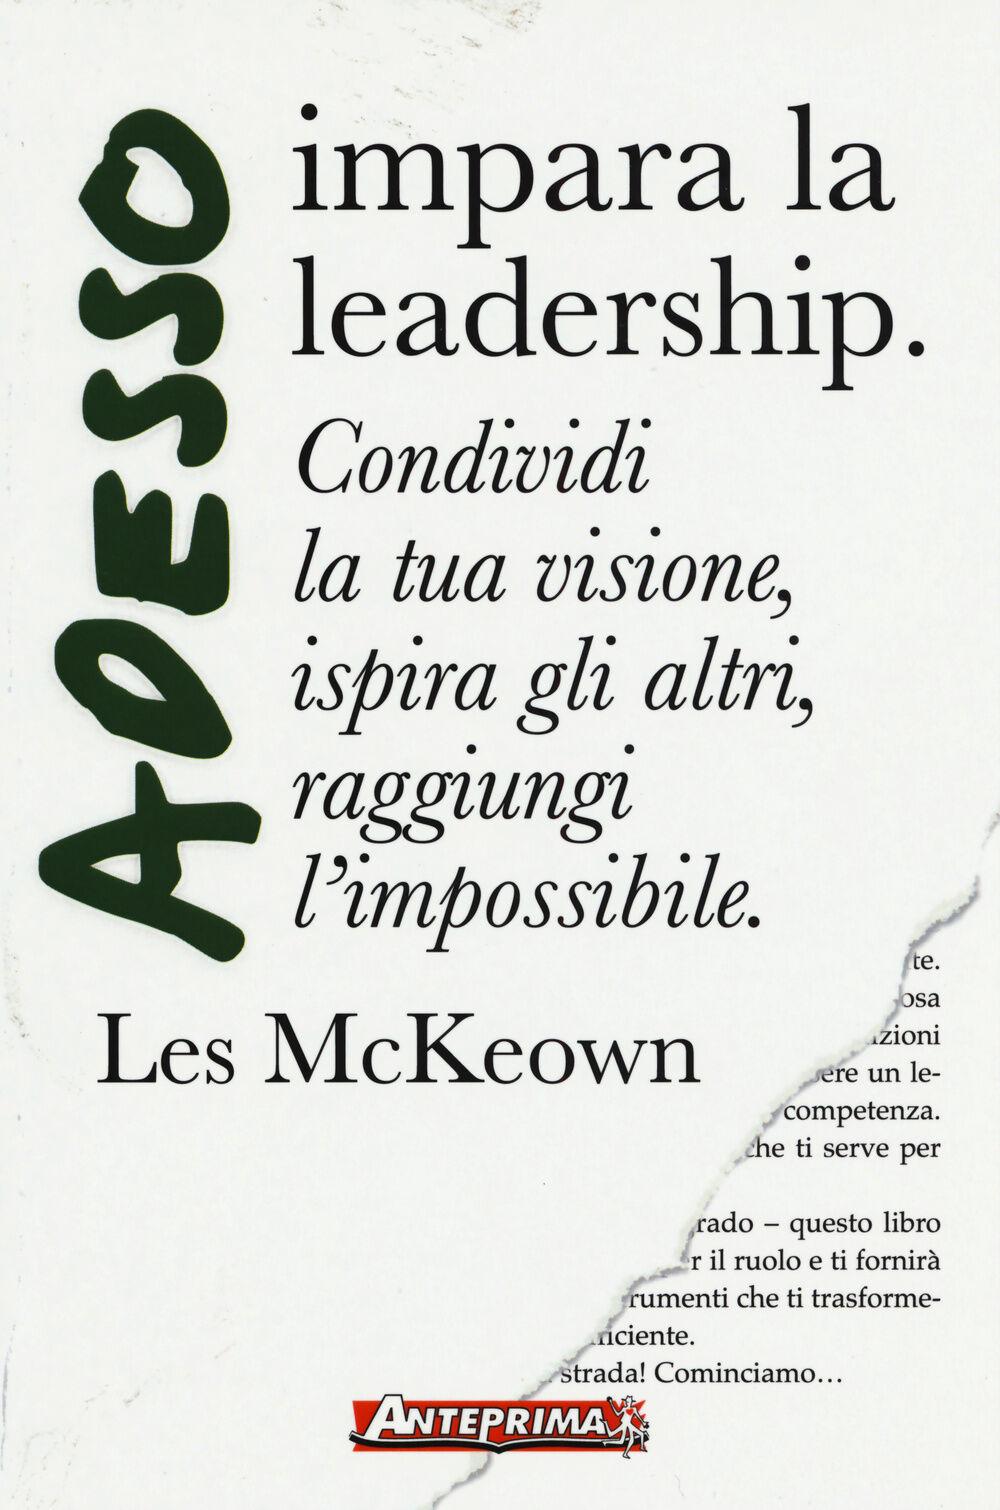 Adesso impara la leadership. Condividi la tua visione, ispira gli altri, raggiungi l'impossibile